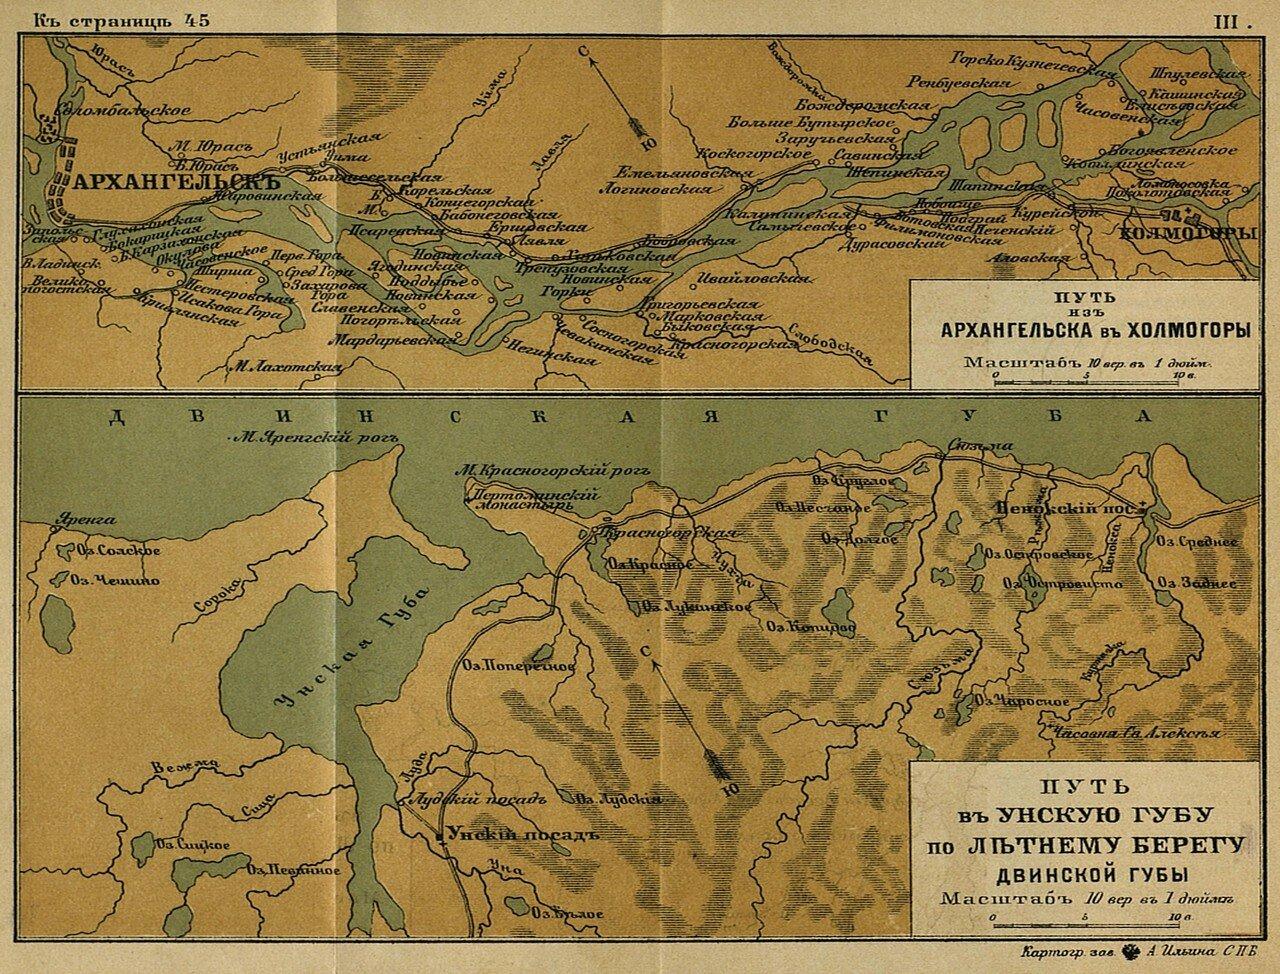 Путь из Архангельска в Холмогоры и Путь в Унскую губу по летнему берегу Двинской губы, 1899